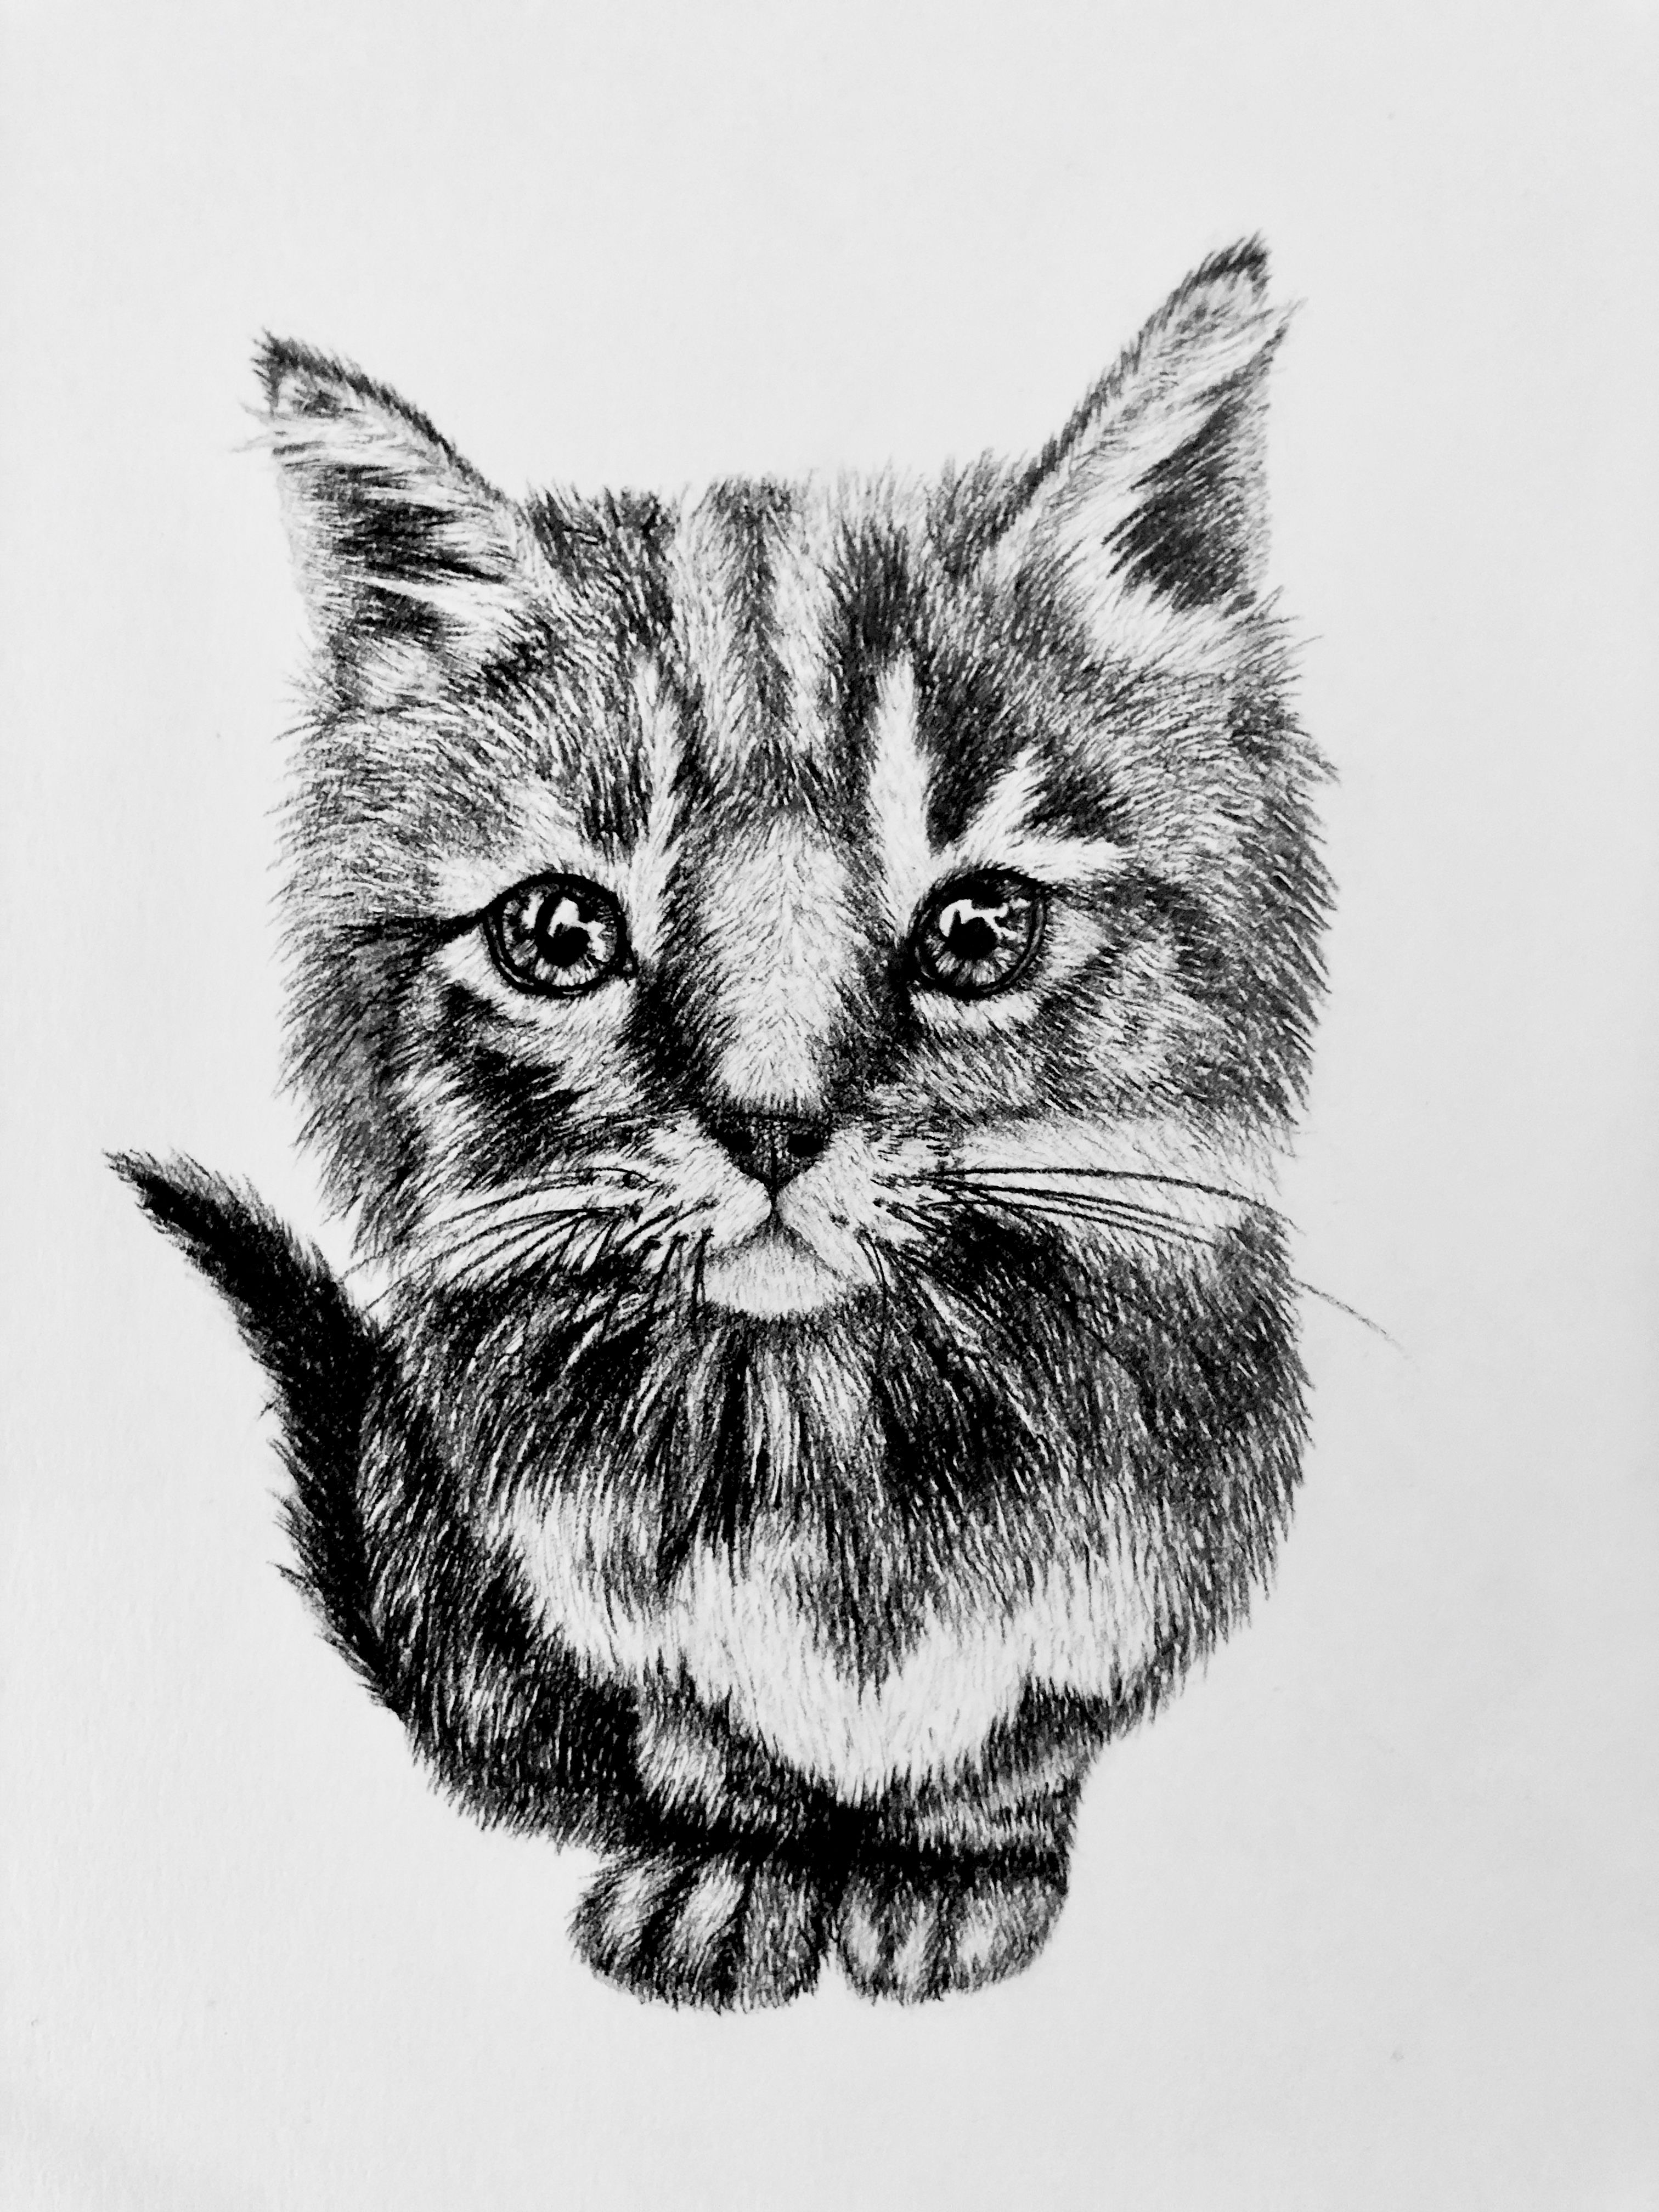 Cute Kitten Sketch For Sale In 2020 Kitten Art Cat Art Trippy Drawings